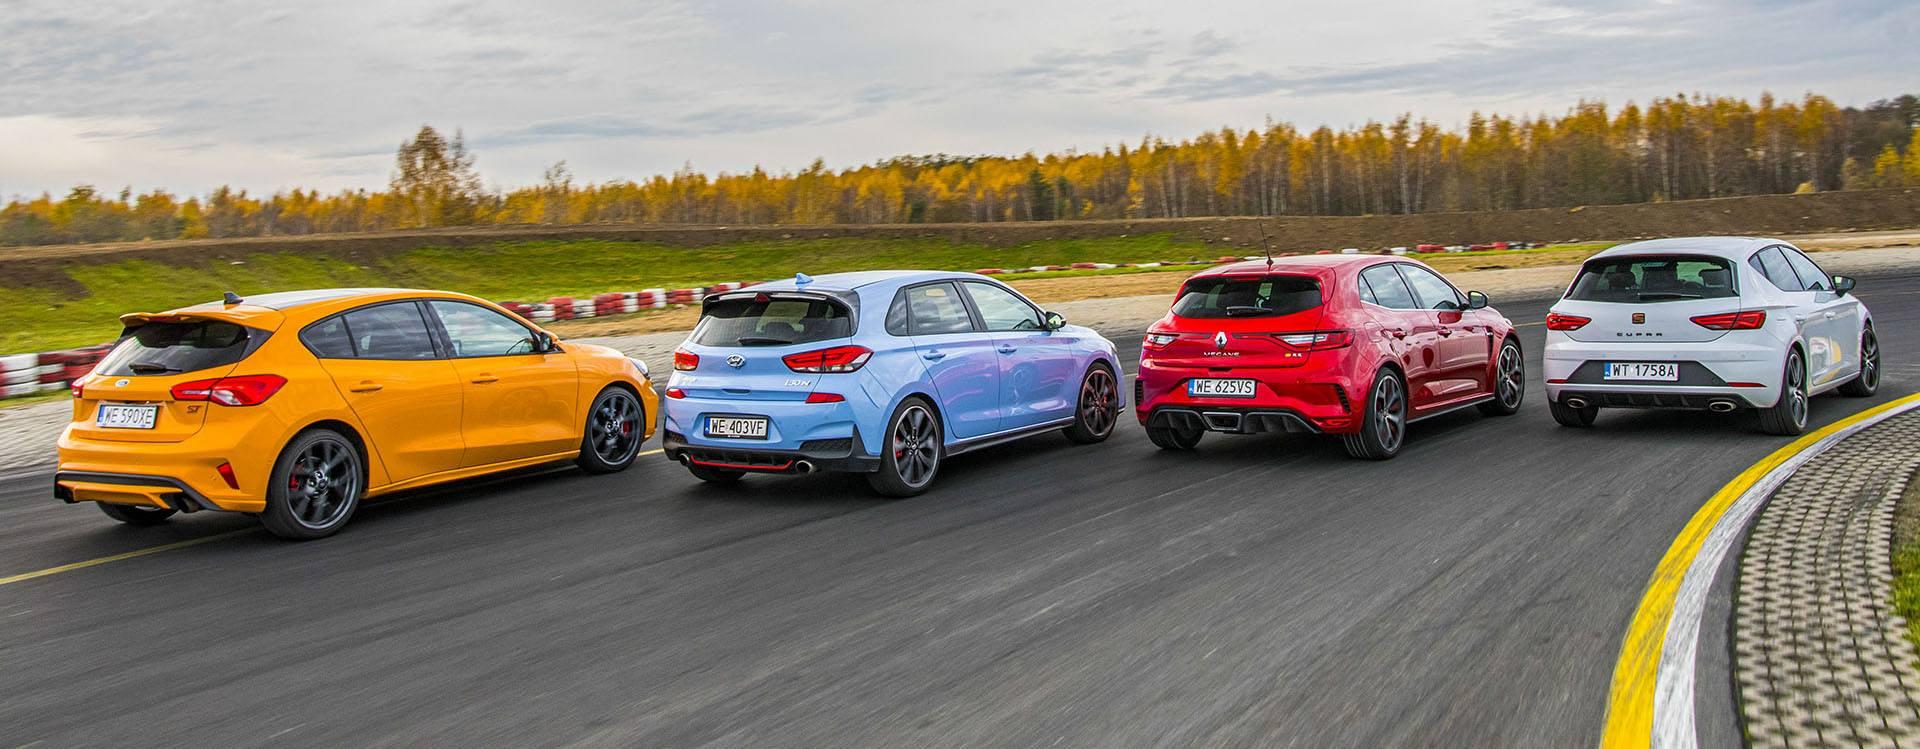 Ford Focus ST, Hyundai i30, Renault Megane RS, Seat Leon Cupra